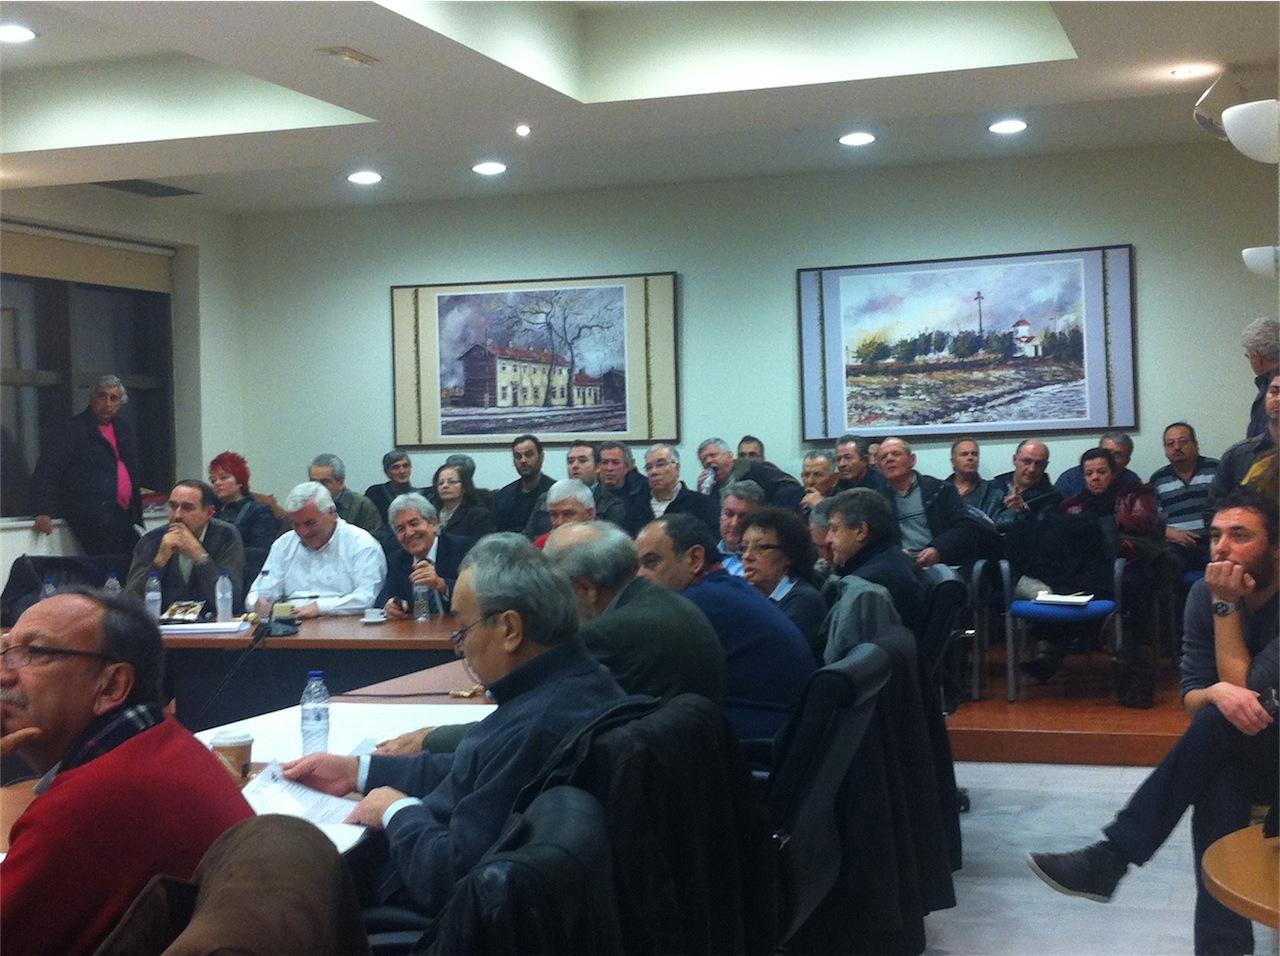 Συνεδρίαση ΔΣ για λύσεις χωροθέτησης σταθμού ΚΤΕΛ Αλεξ/πολης (17/1/2013, 19:13)